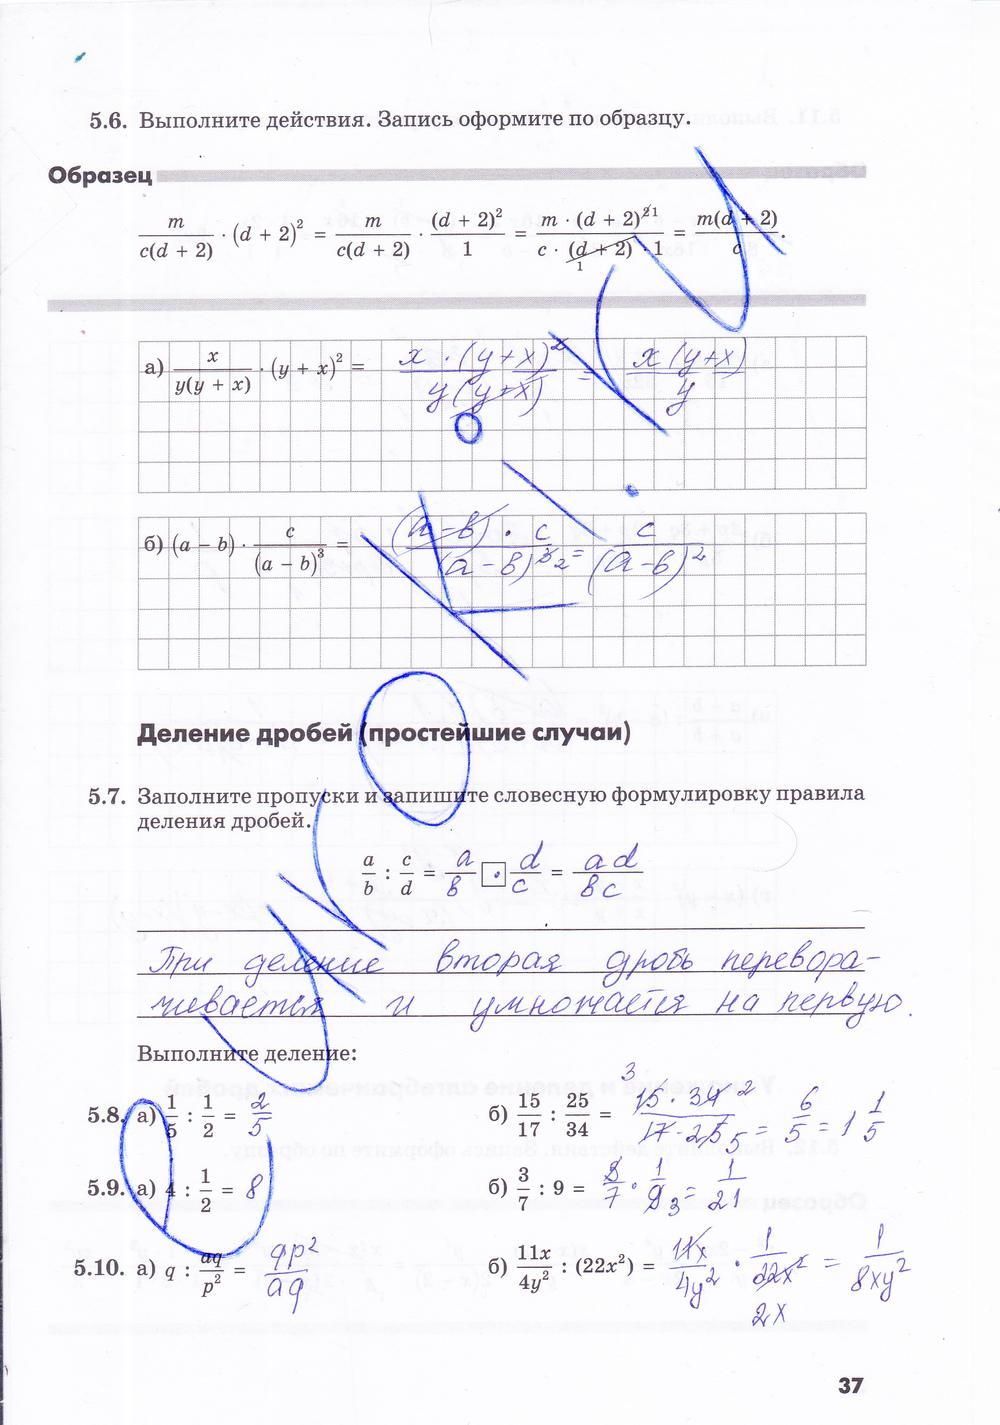 Математика 9 класс вариант ма90502 ответы 2015